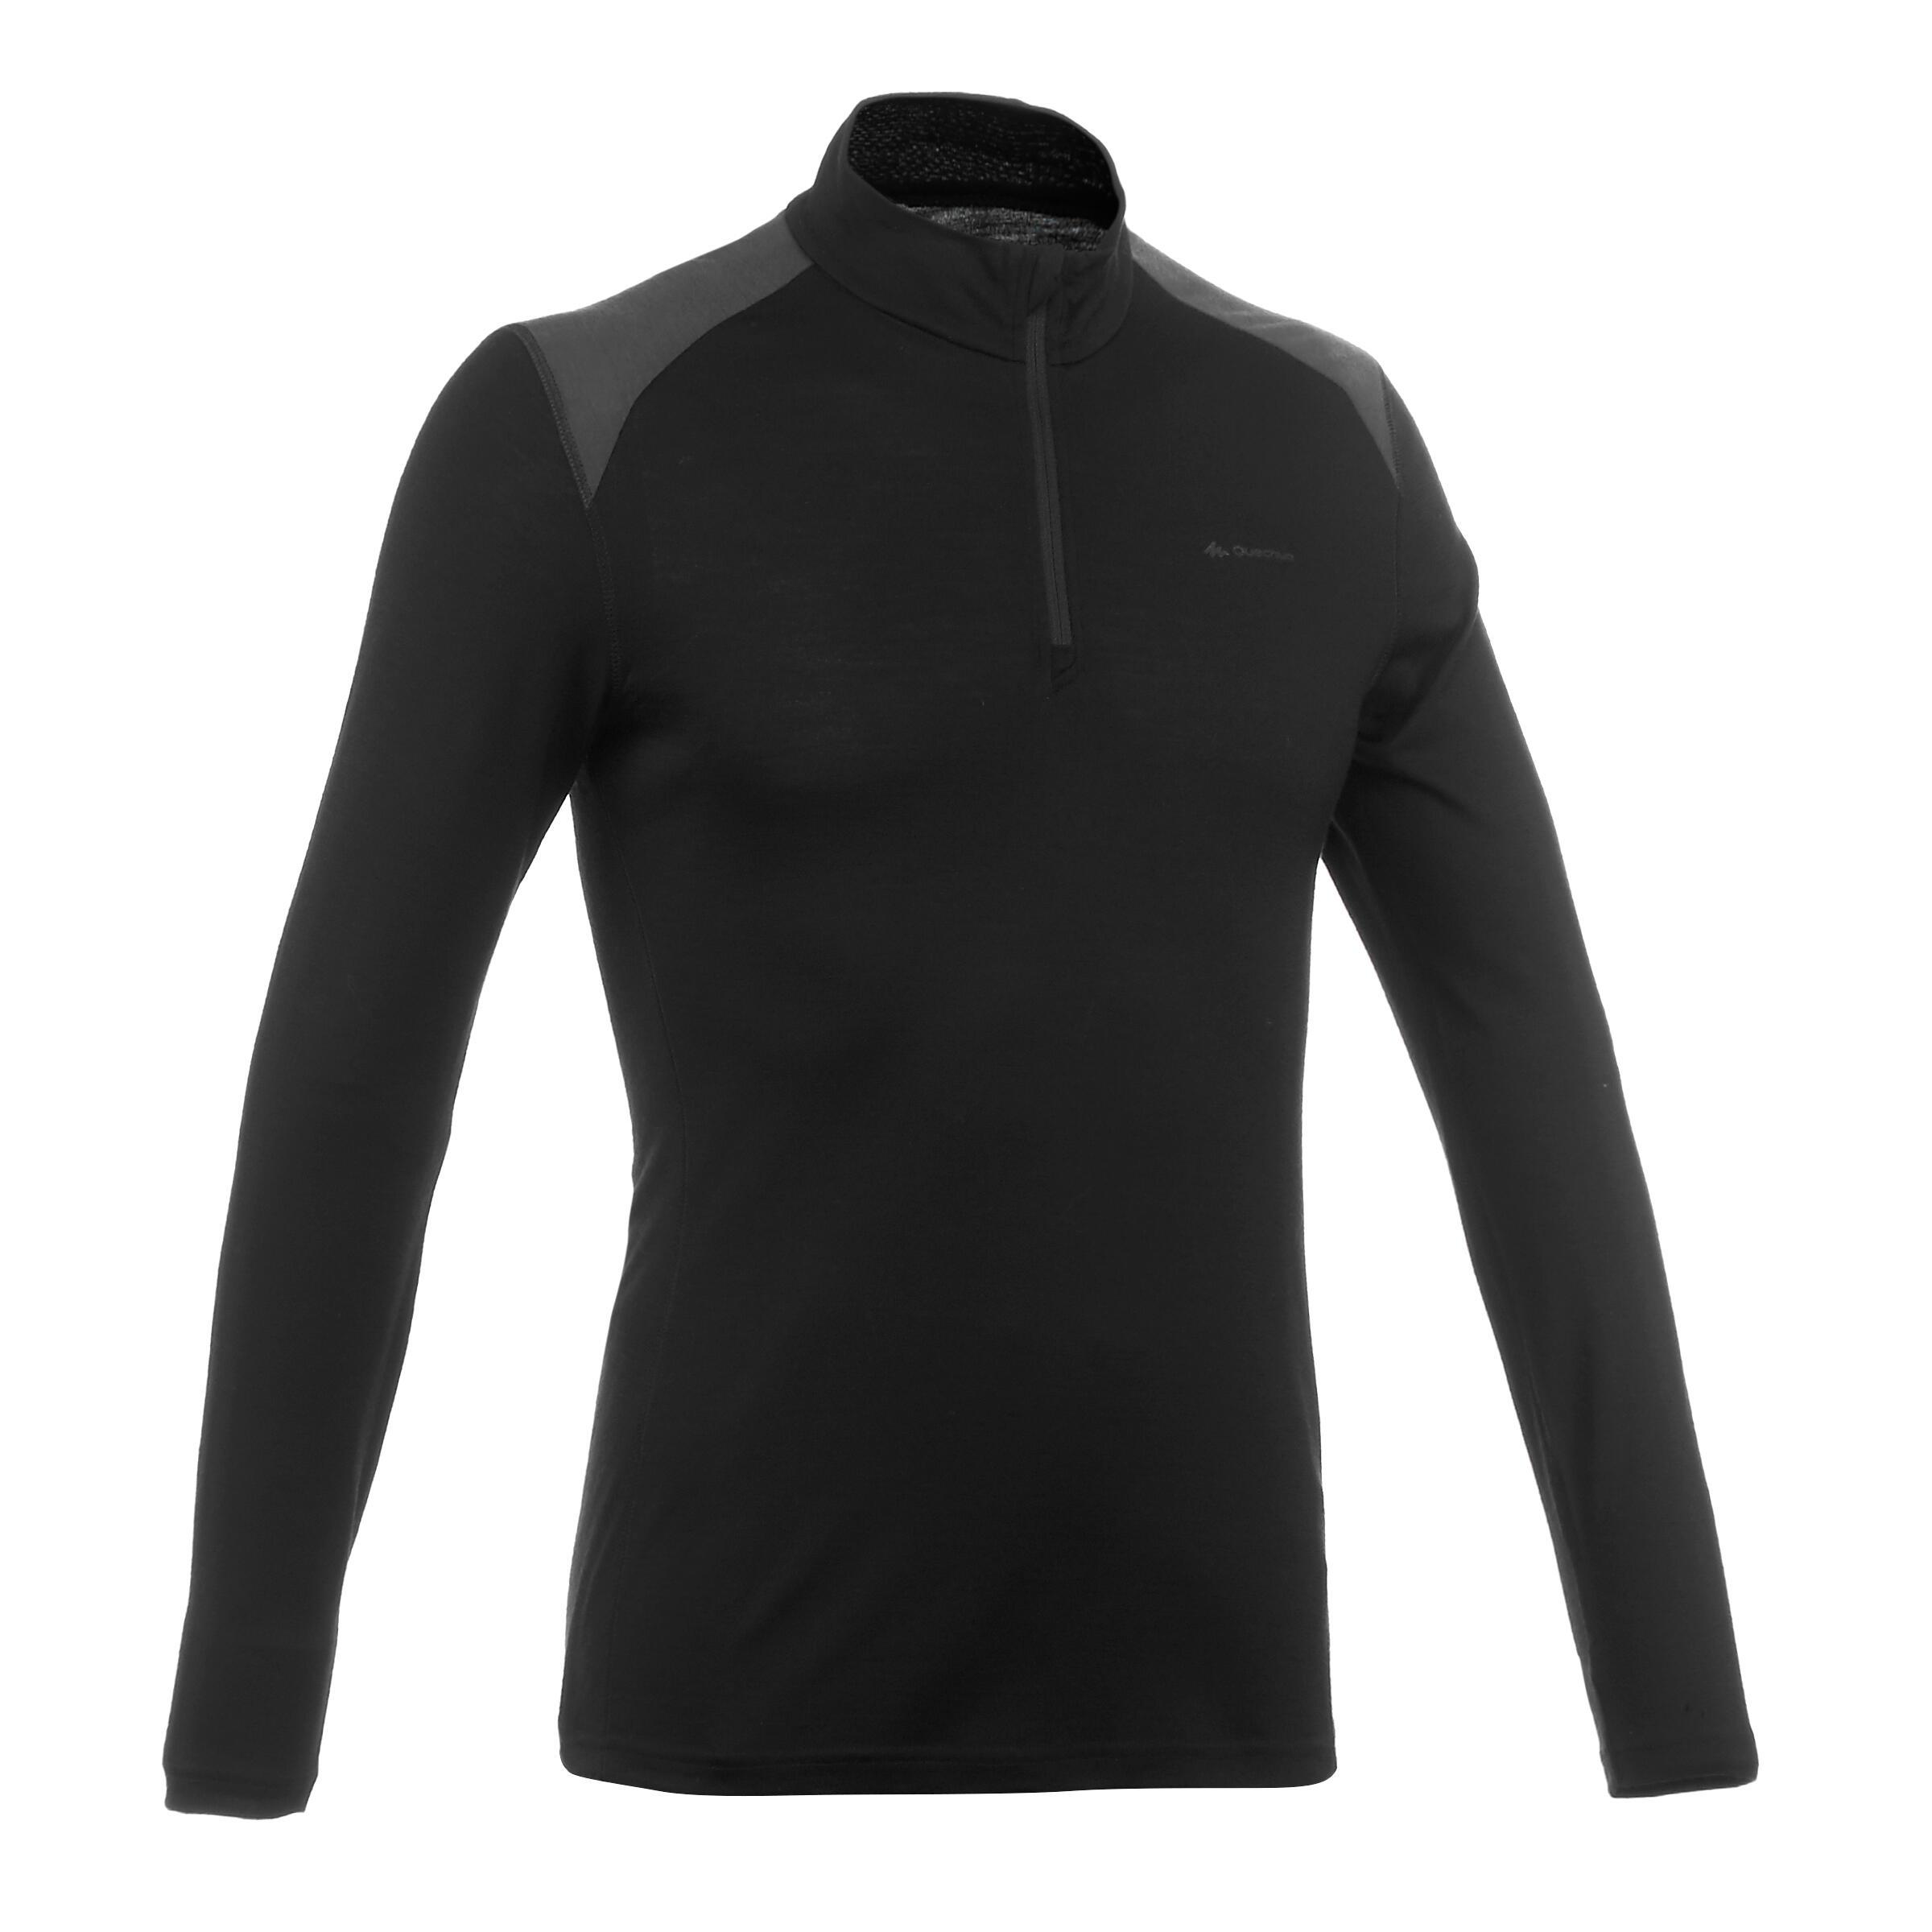 Forclaz T-shirt met lange mouwen bergtrekking Techwool 190 rits heren